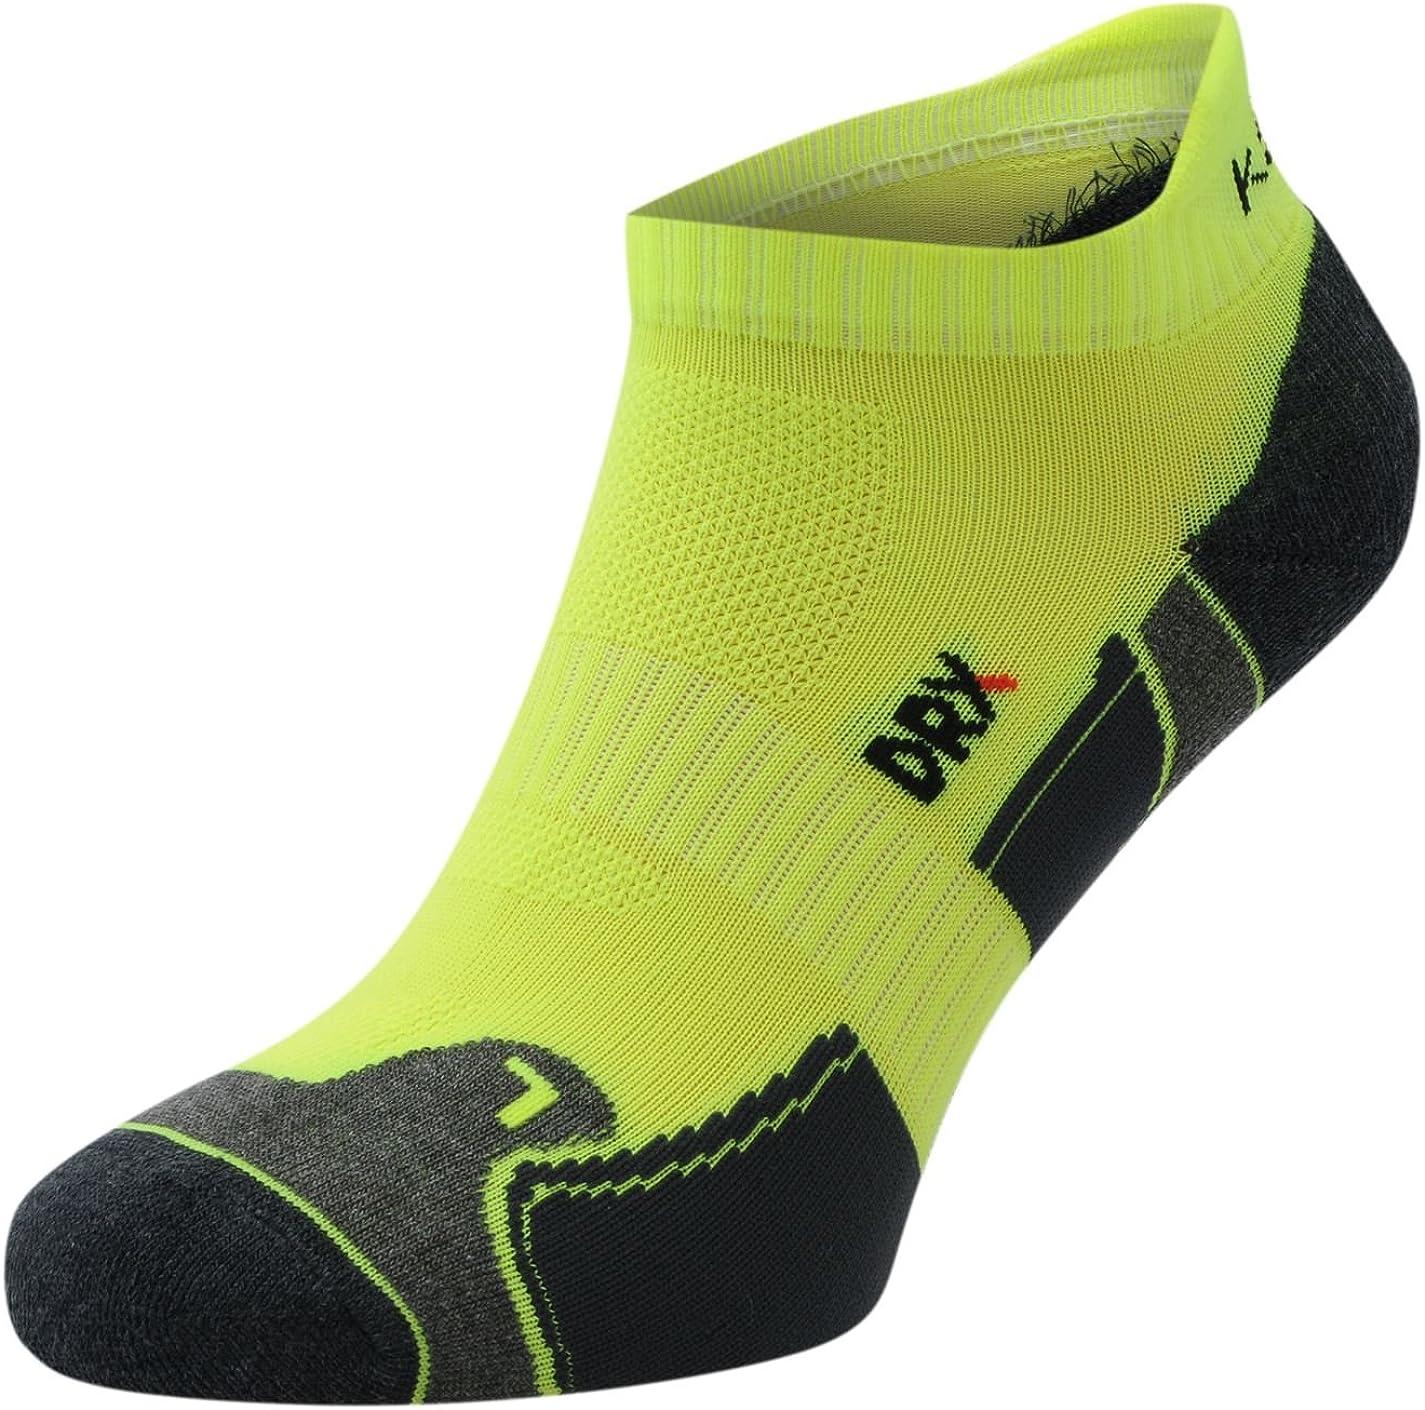 Karrimor Mens 2 Pack Running Socks